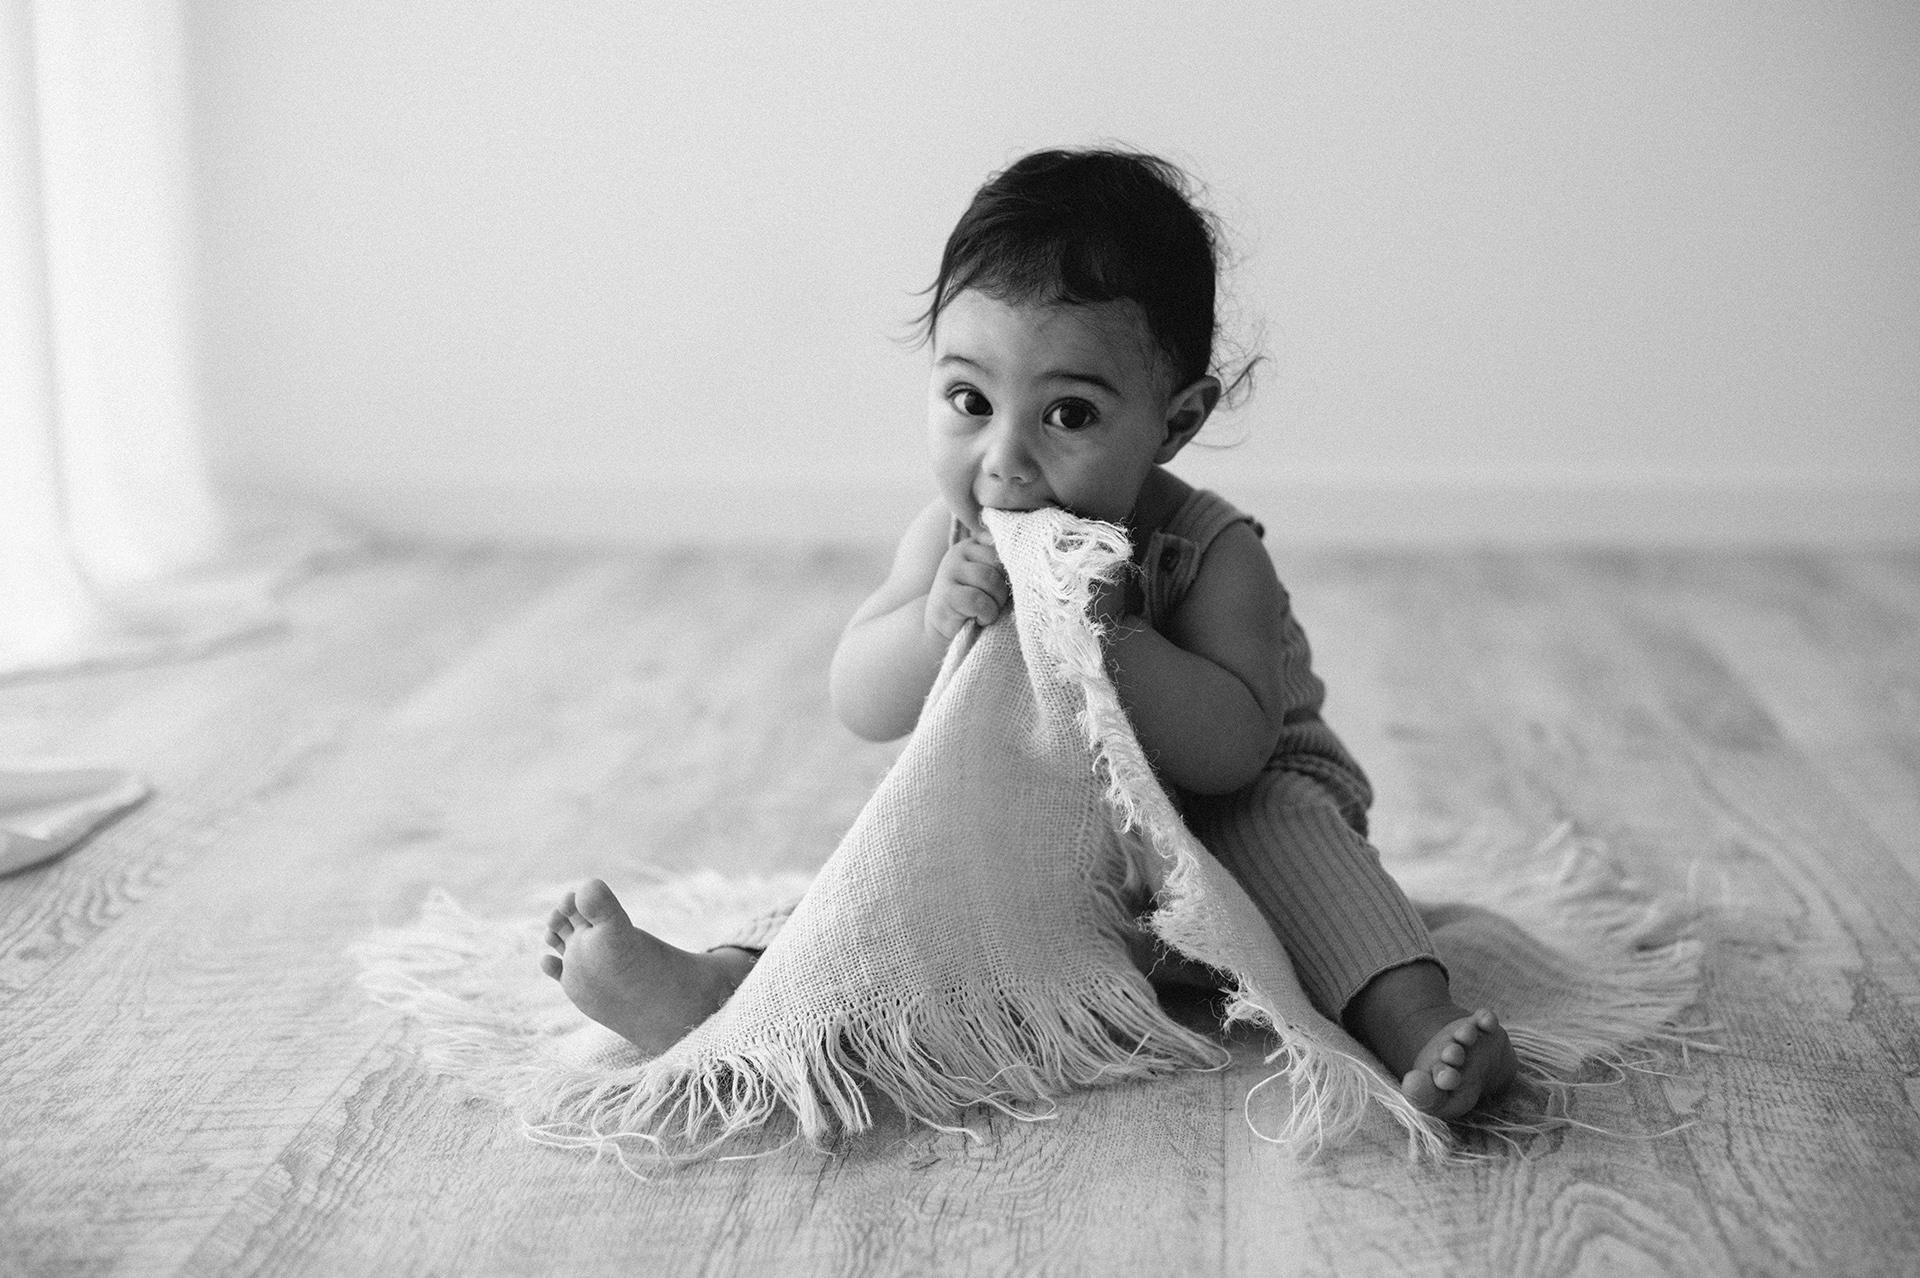 bebè morde una coperta